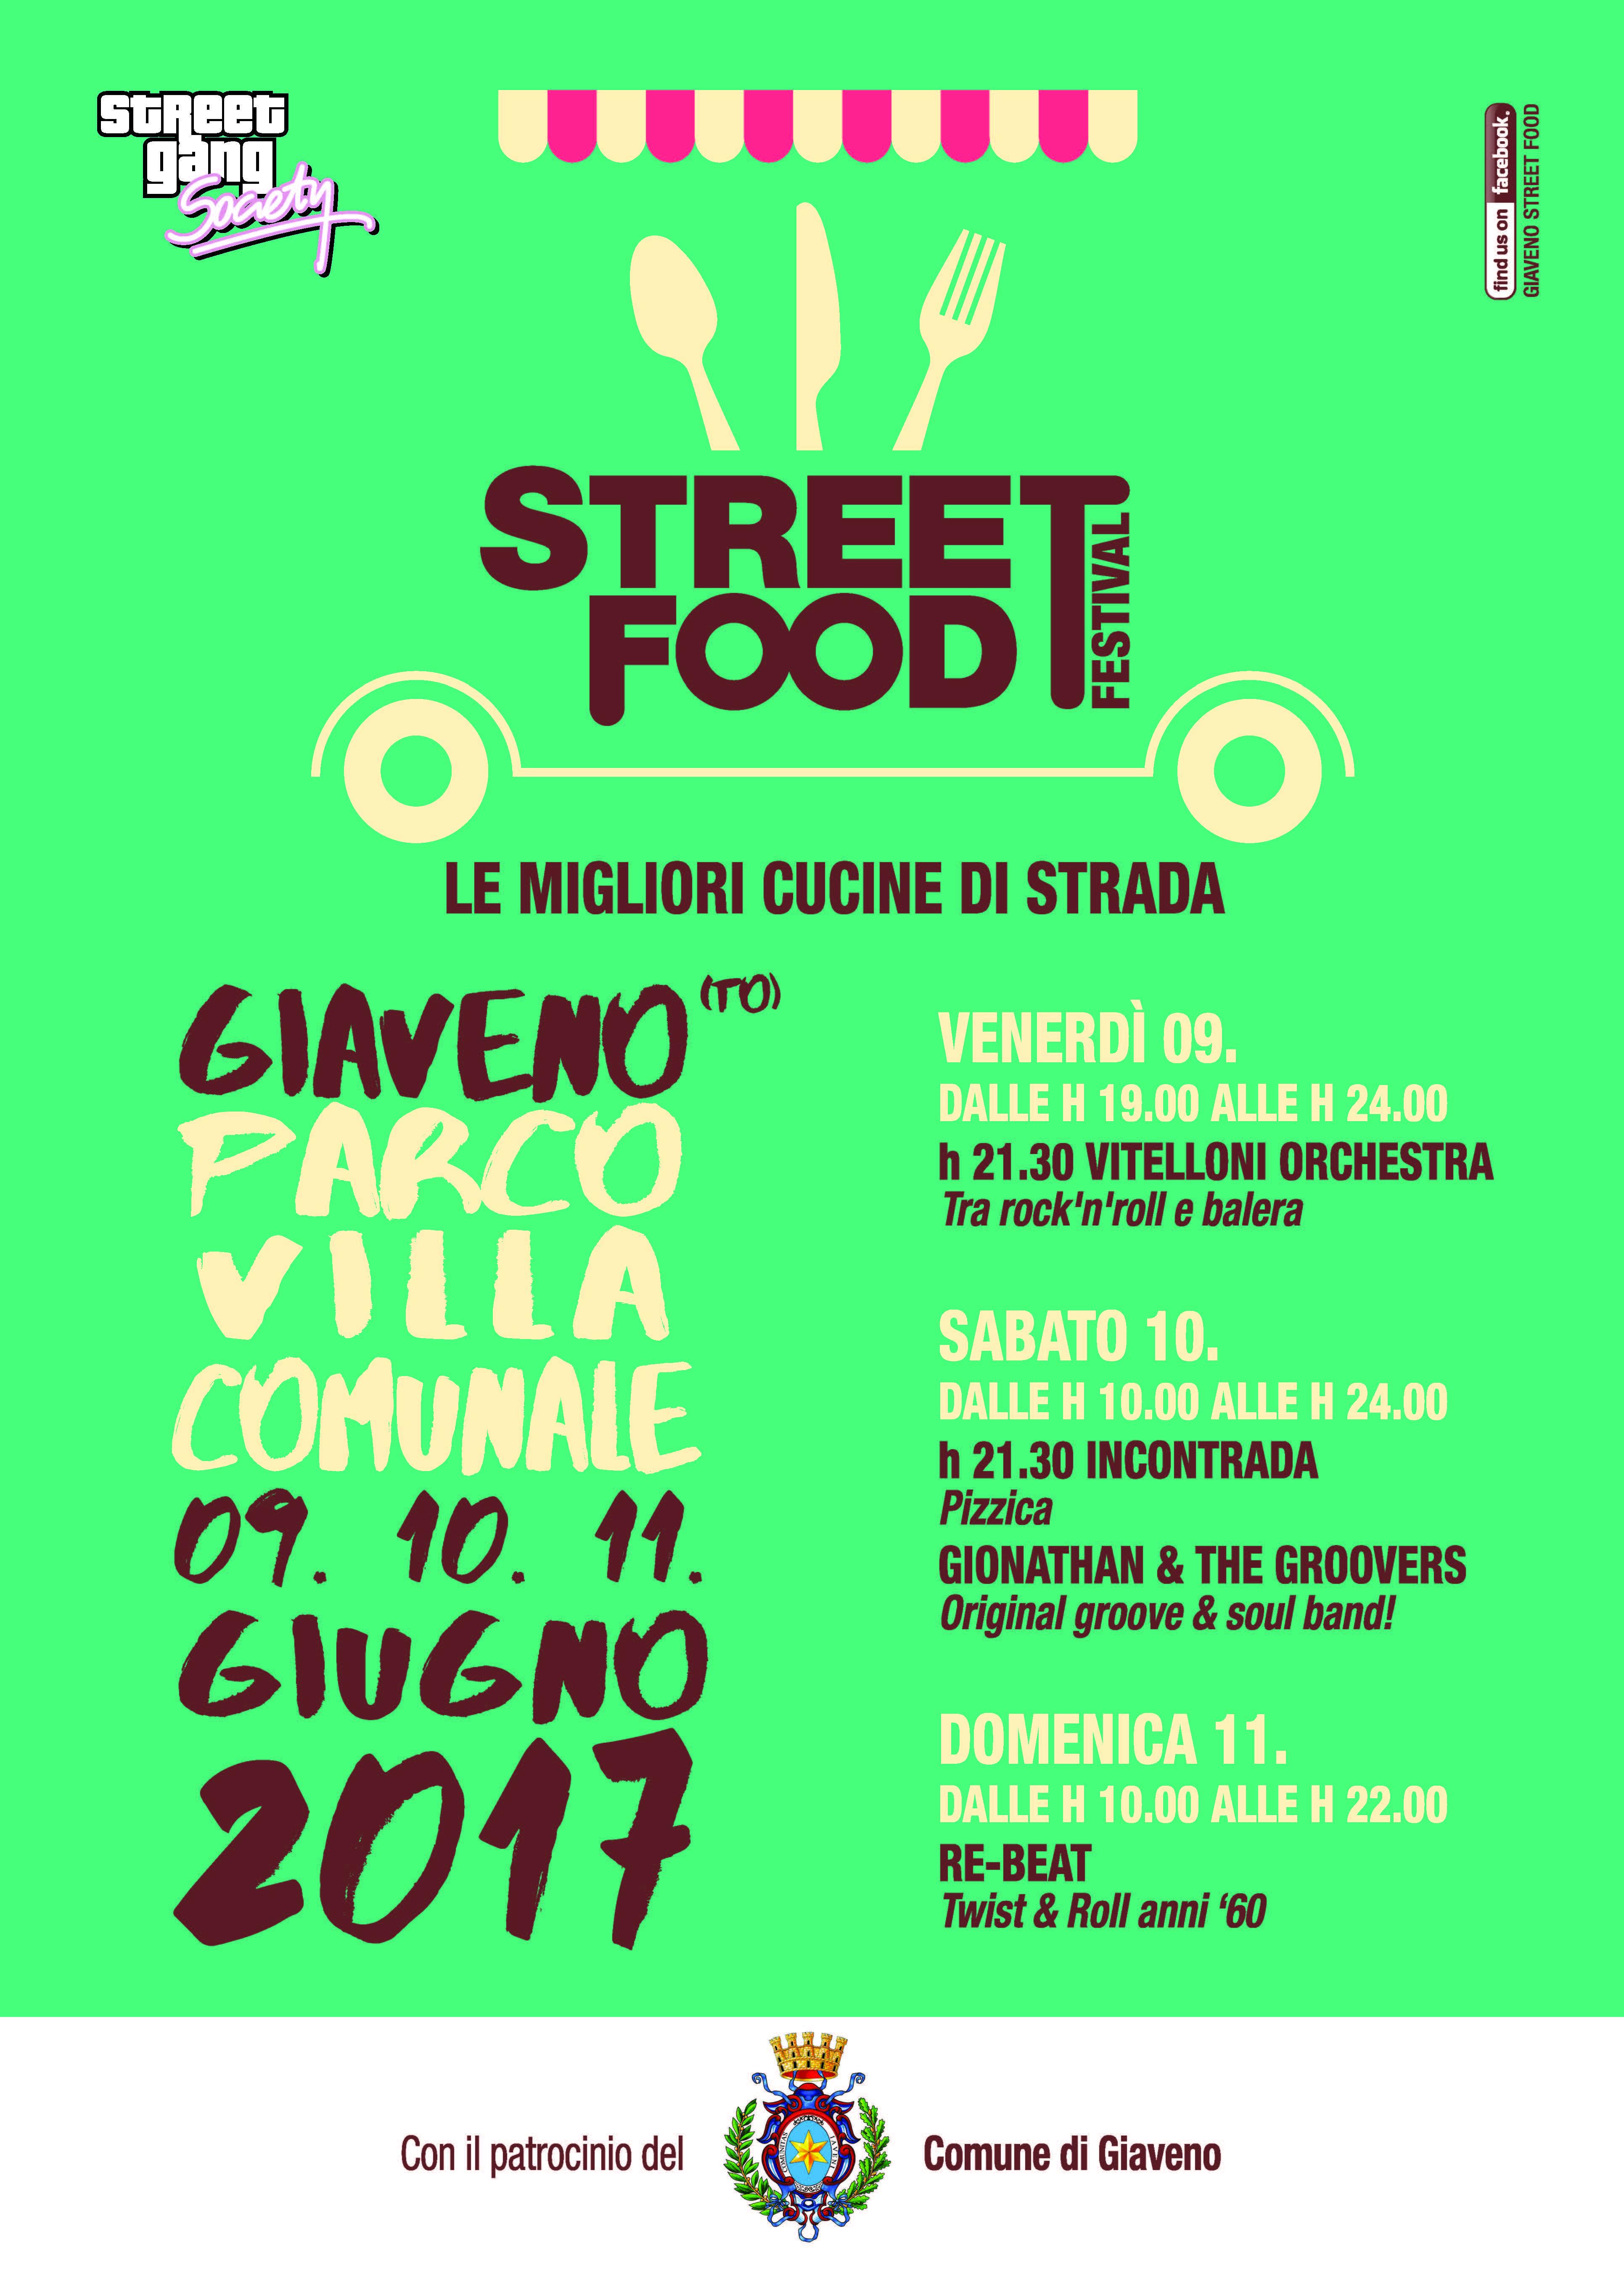 Street Food Festival – da sabato 9 a domenica 11 giugno 2017